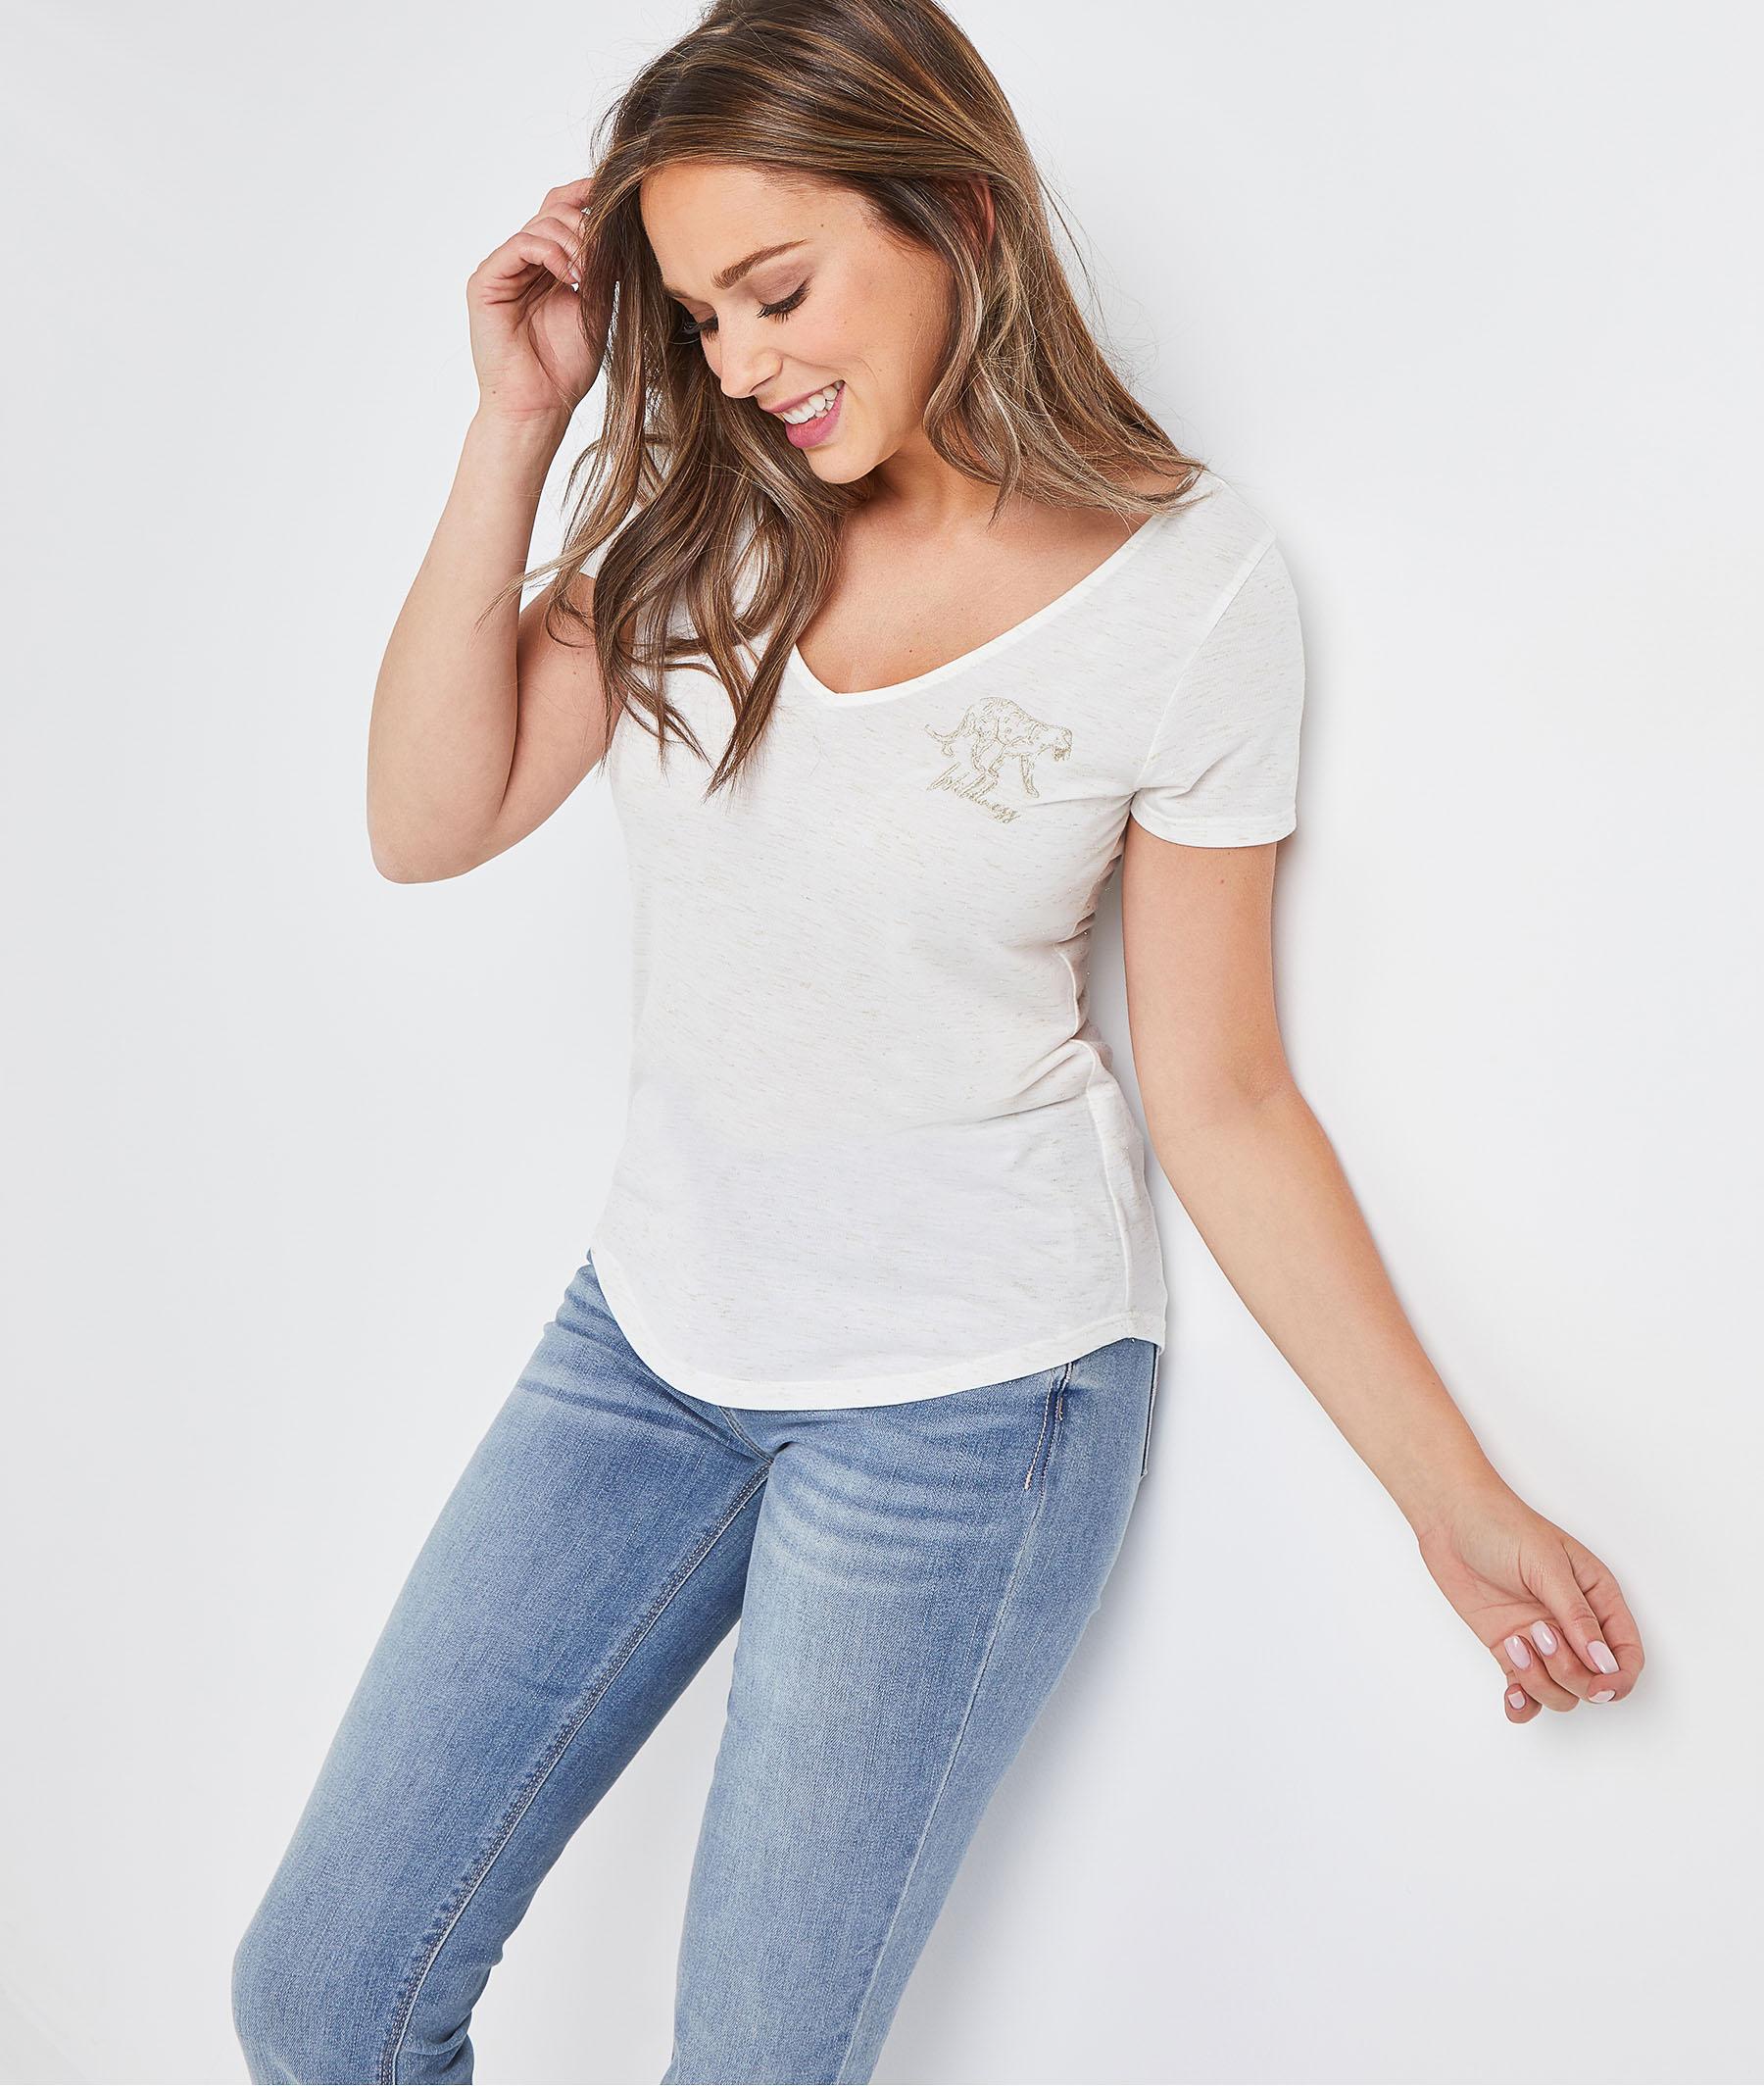 T-shirt beige brodé femme BEIGE